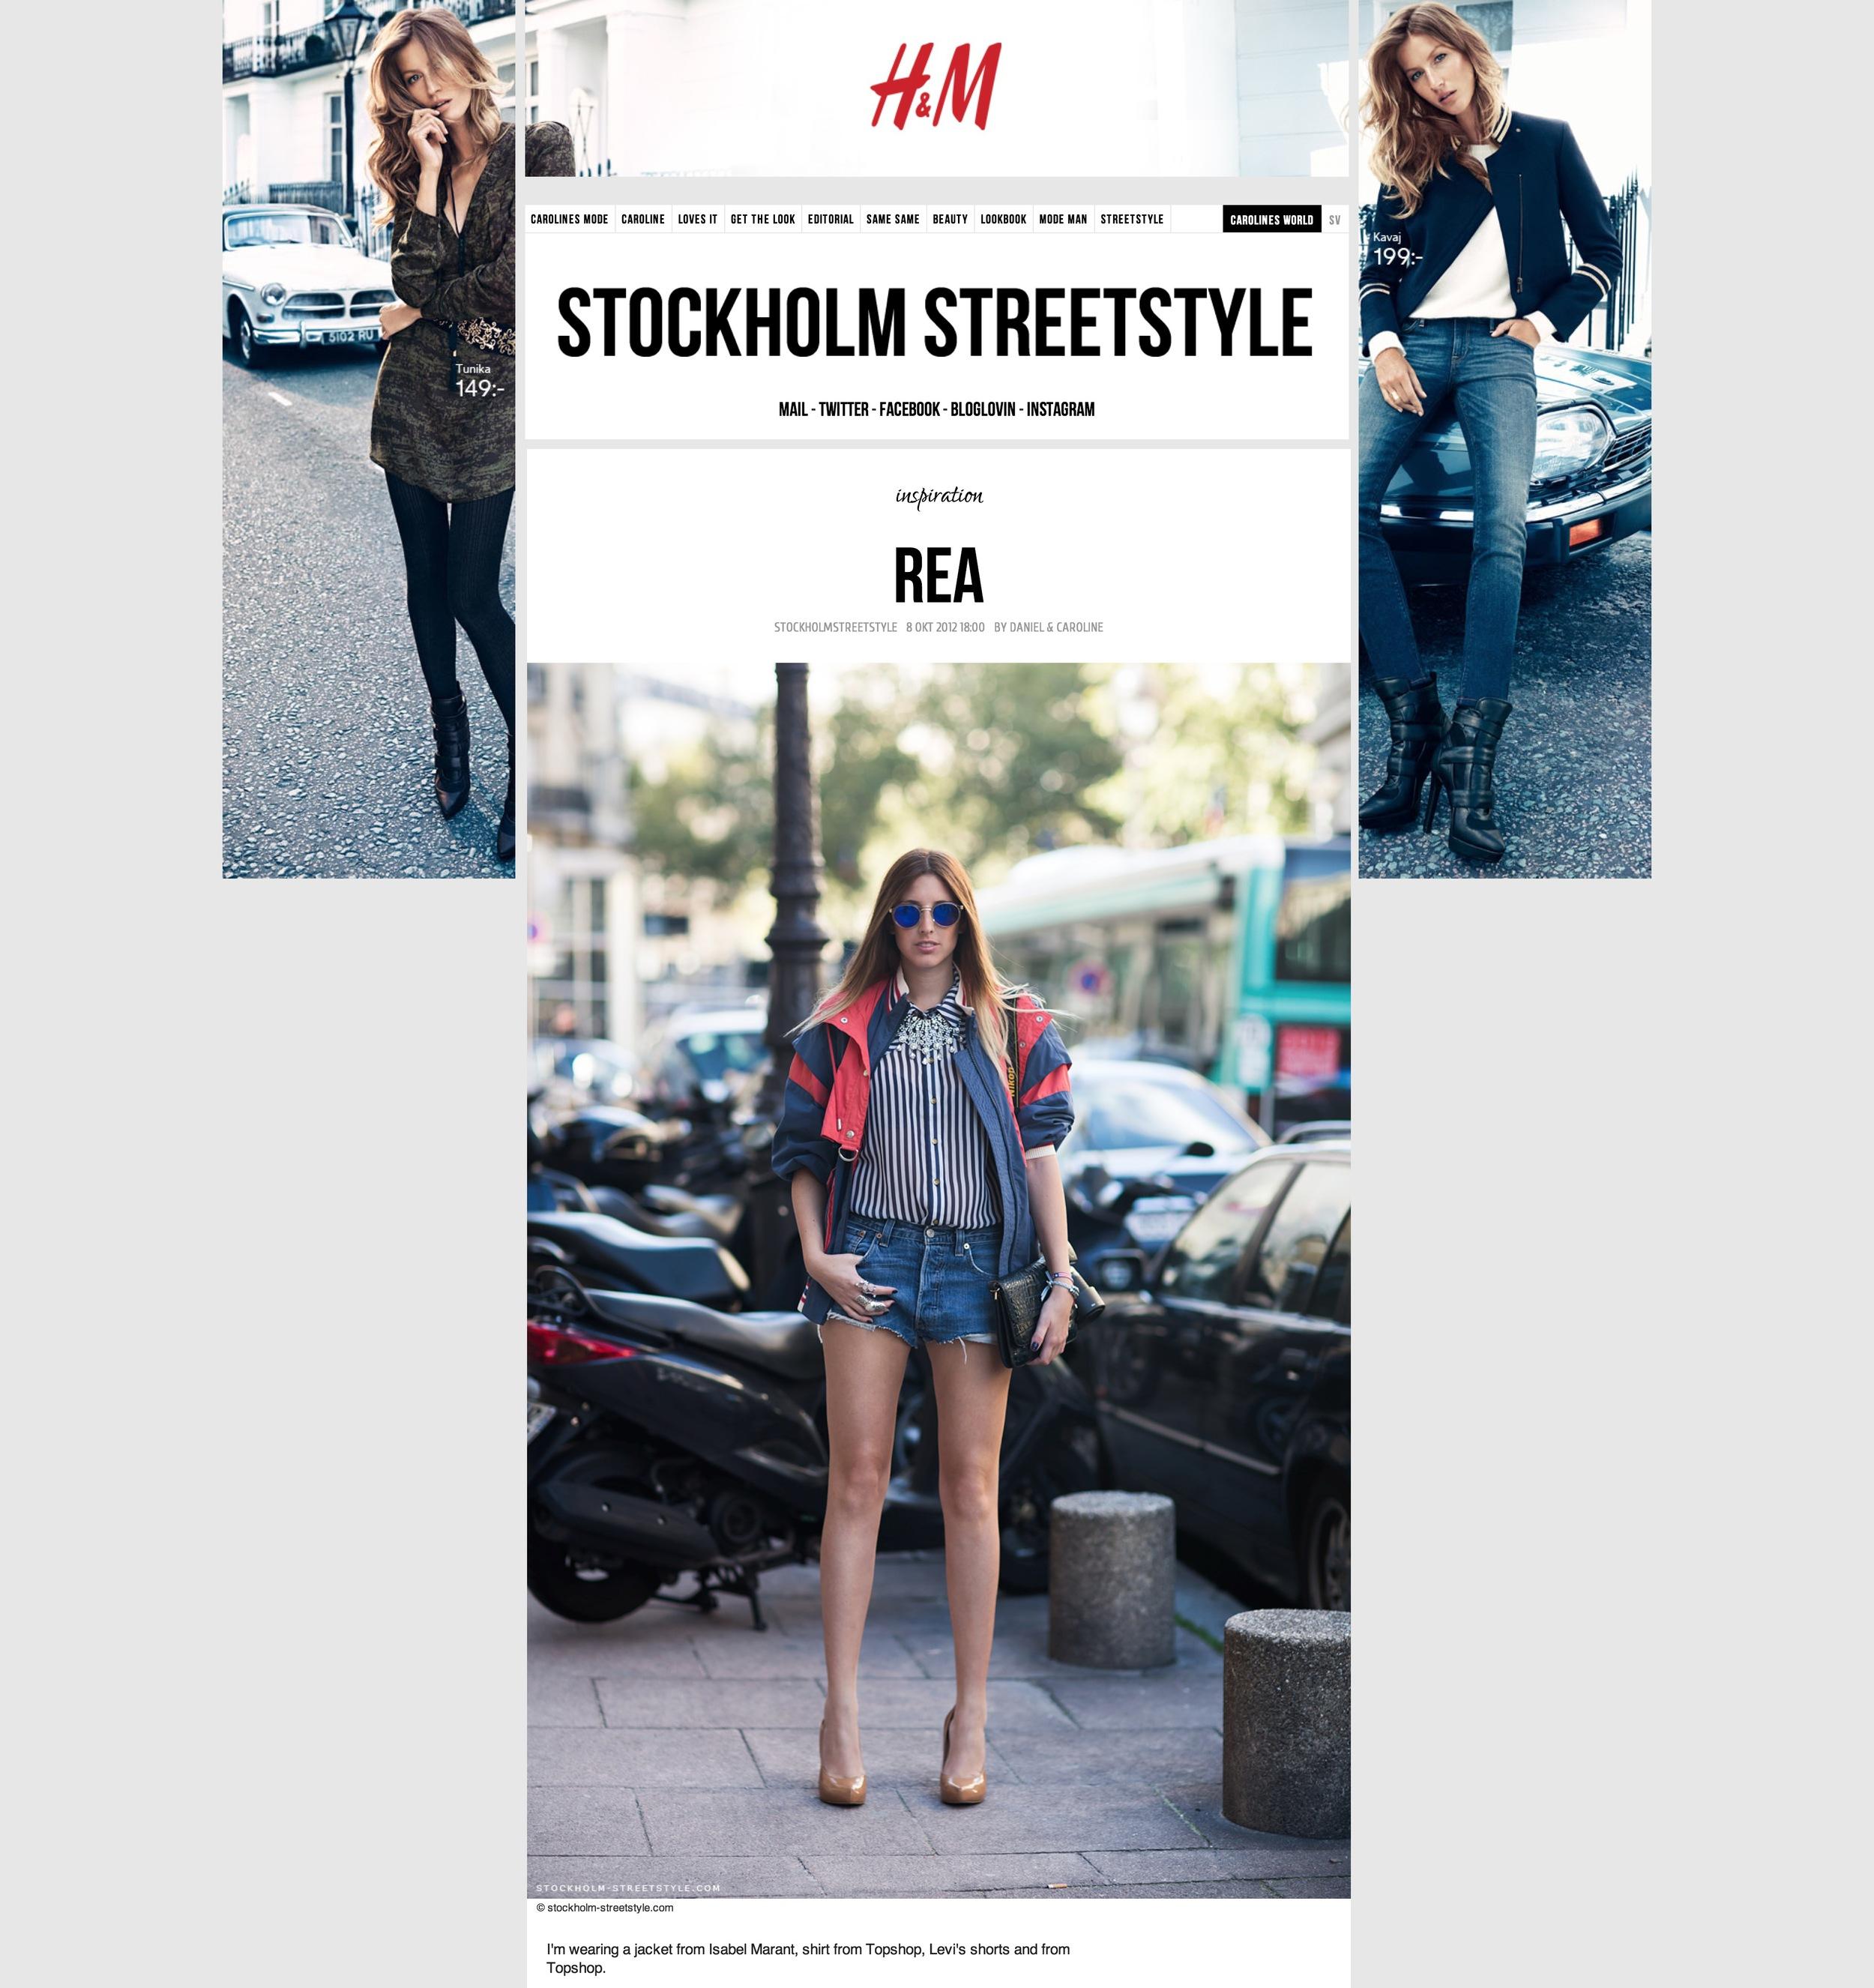 stockholm street-style- Paris fashion week September 2012